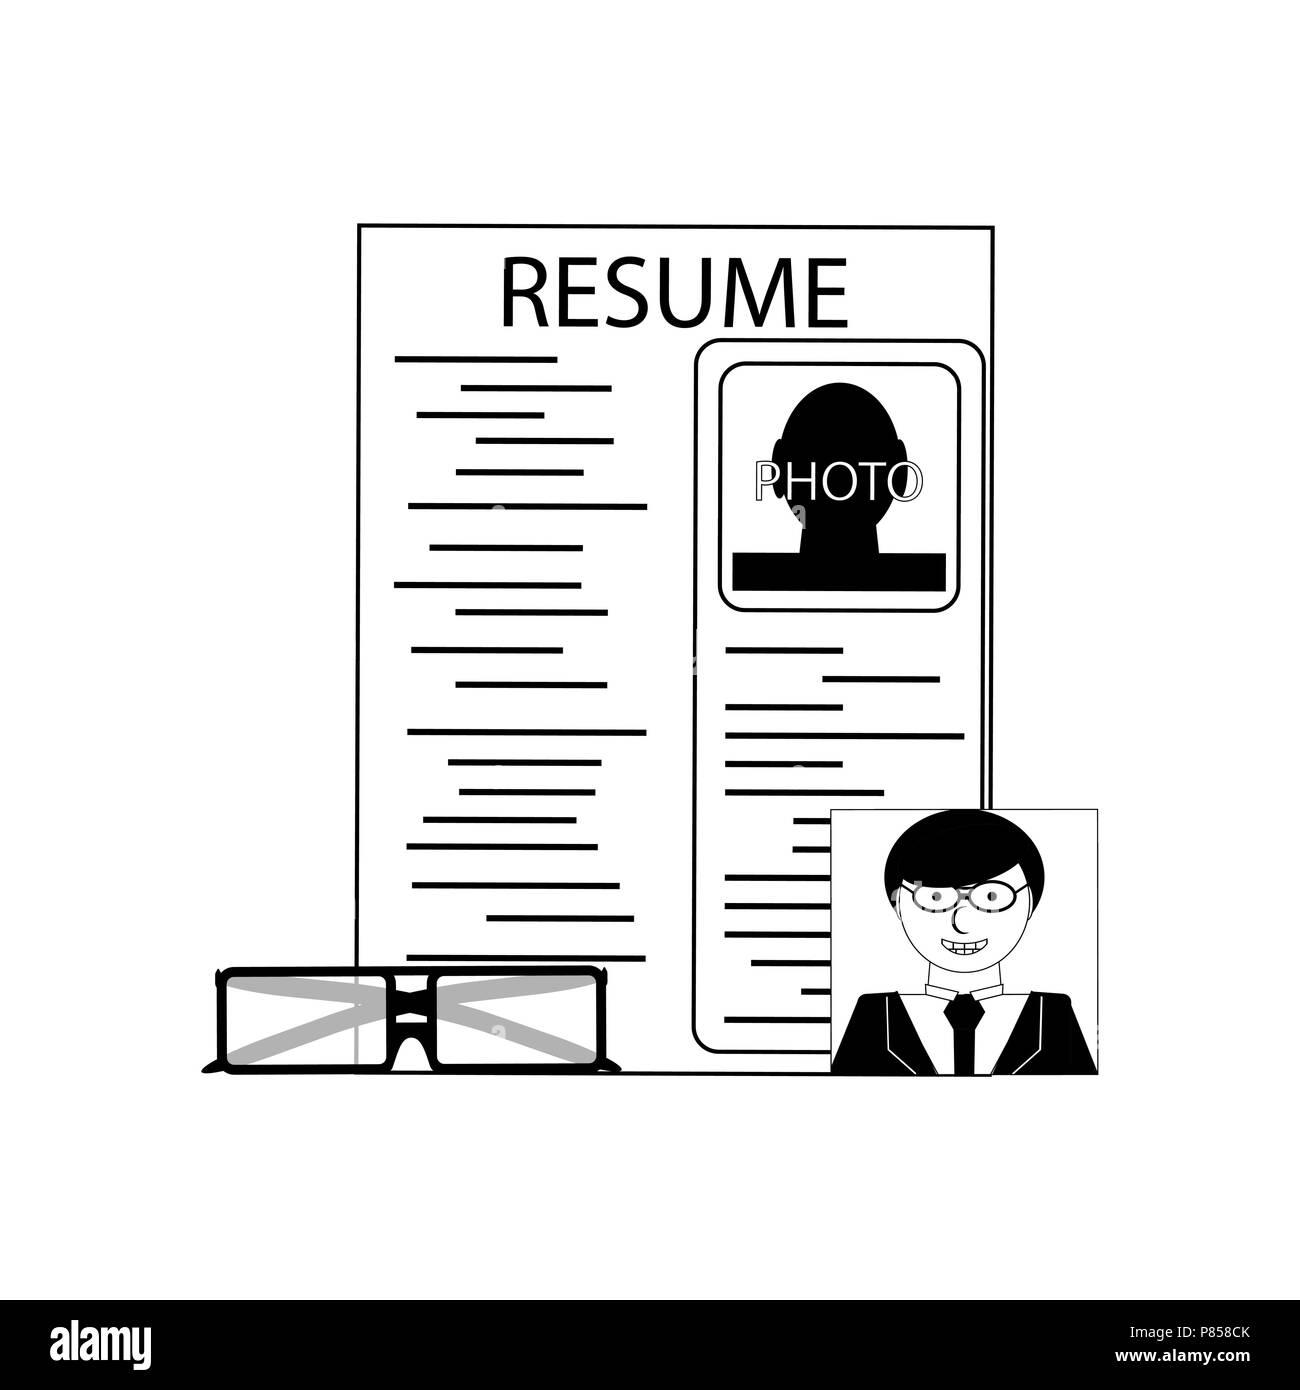 resume black white icon cv stock photos  u0026 resume black white icon cv stock images